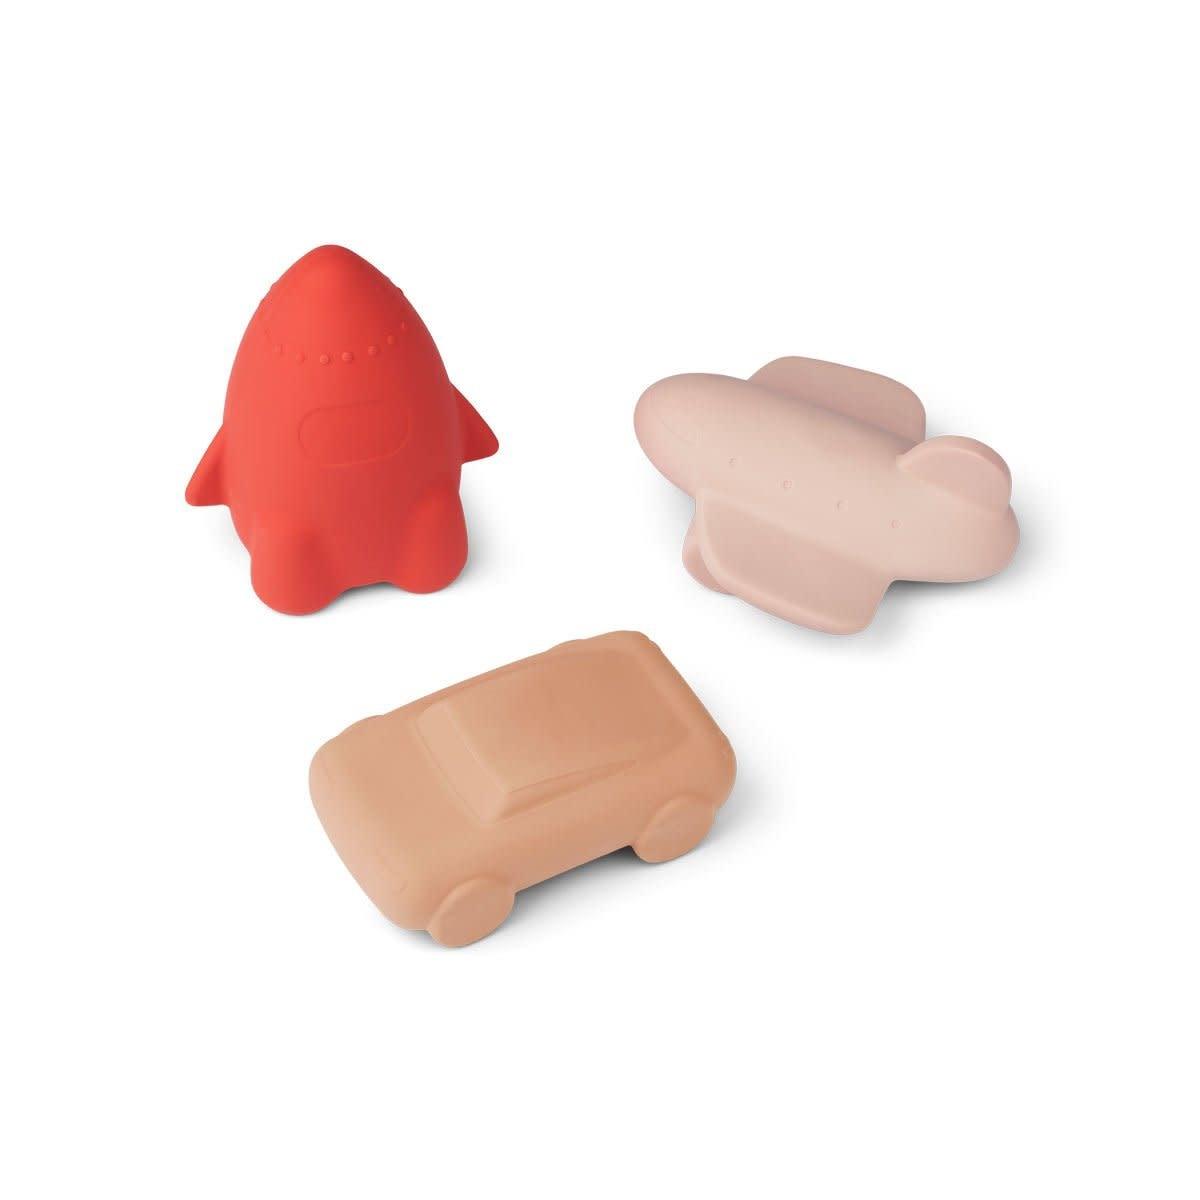 Jacob toys rose multi mix - 3 pack-1